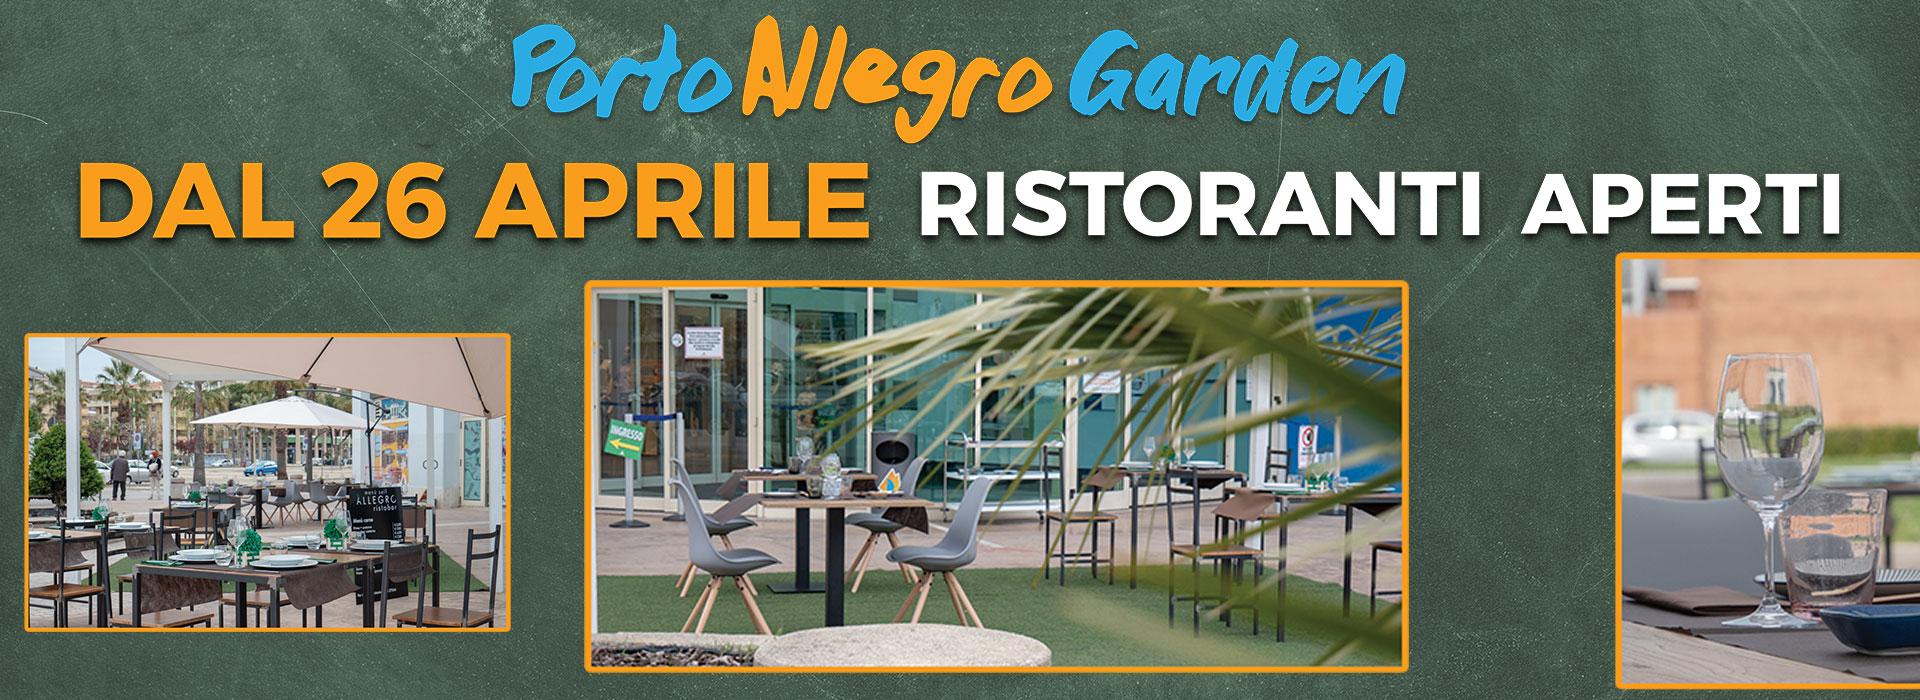 banner_sito_ristoranti